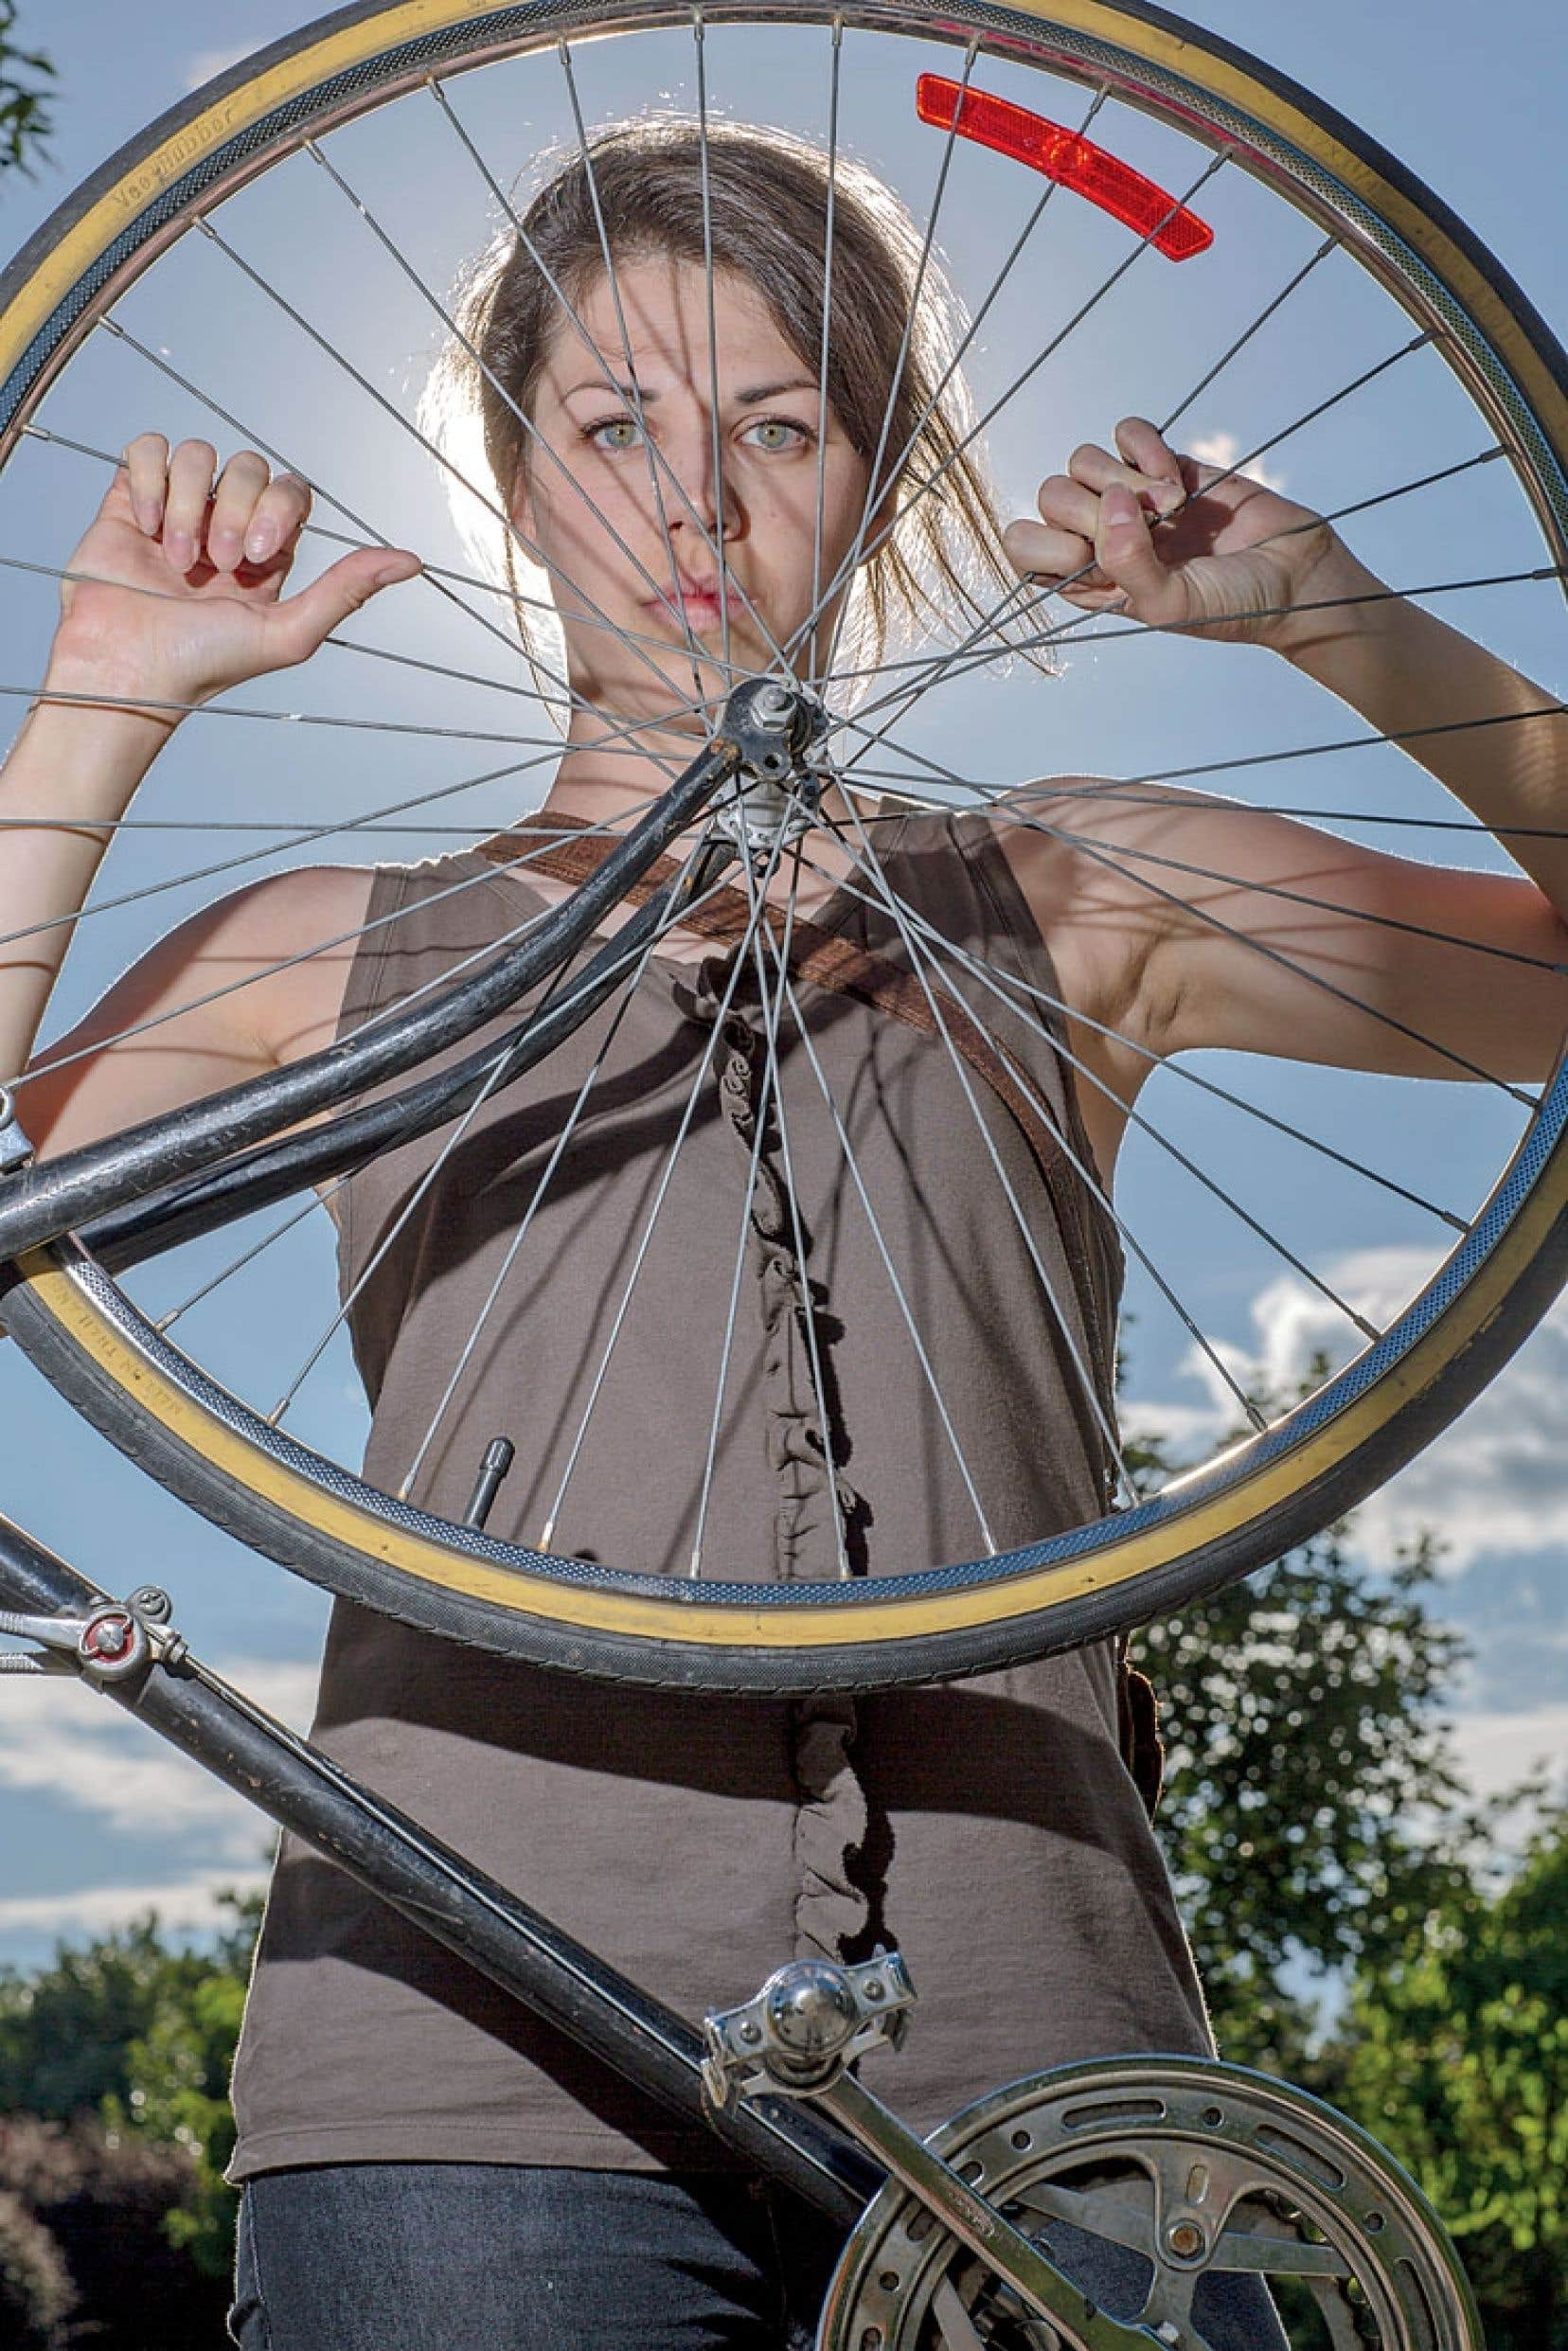 Maude Hénaire fait partie des victimes de vols de vélos qui ont décidé de s'entraider. Elle a créé un groupe Facebook qui représente, dit-elle, « un exemple de solidarité entre citoyens qui peut donner des résultats ».